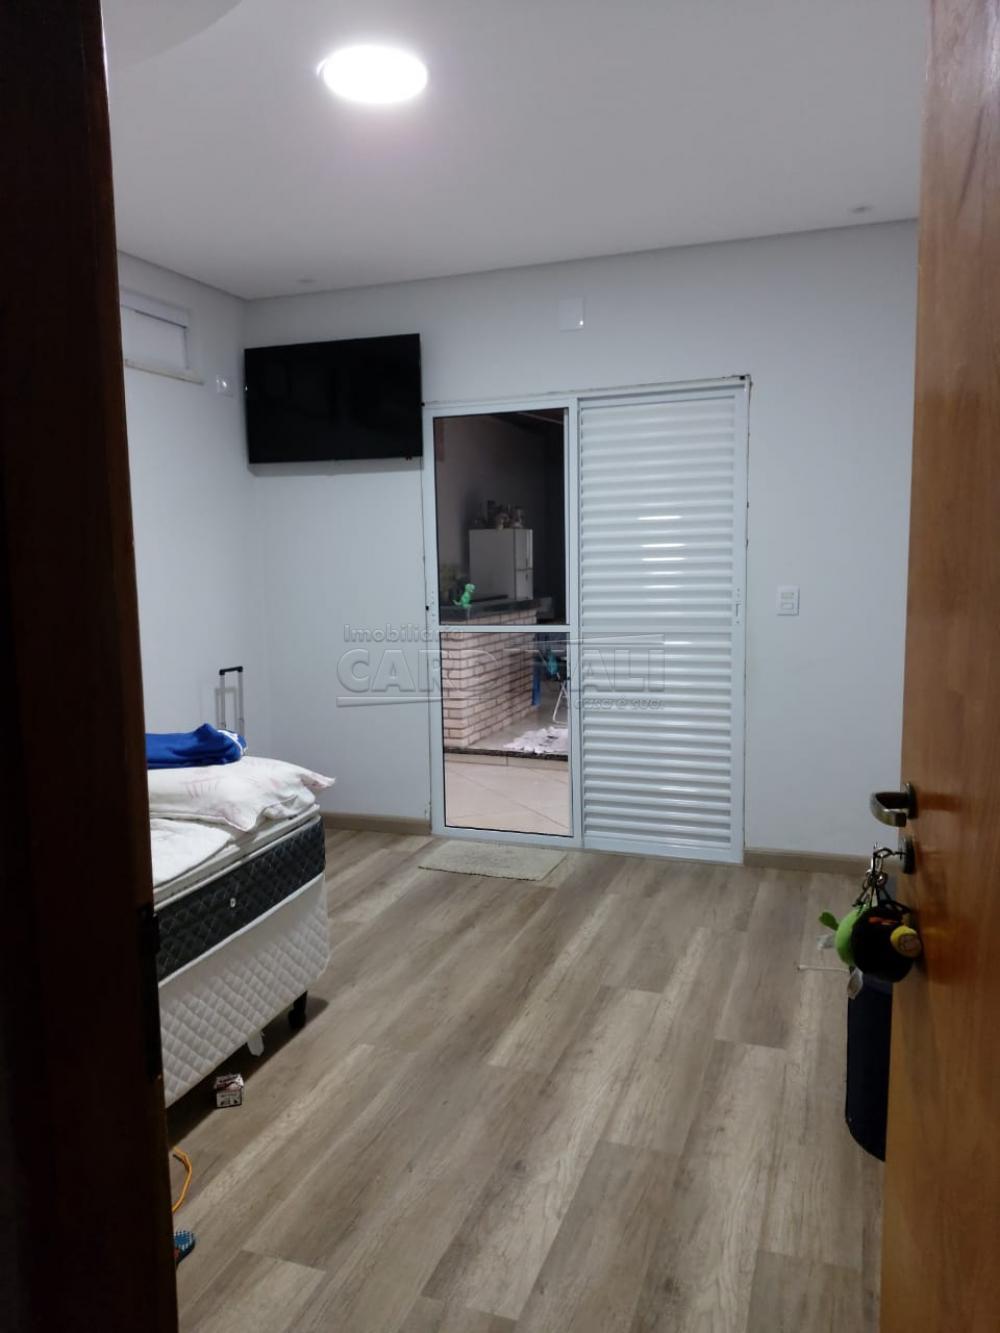 Comprar Casa / Padrão em São Carlos R$ 636.000,00 - Foto 10